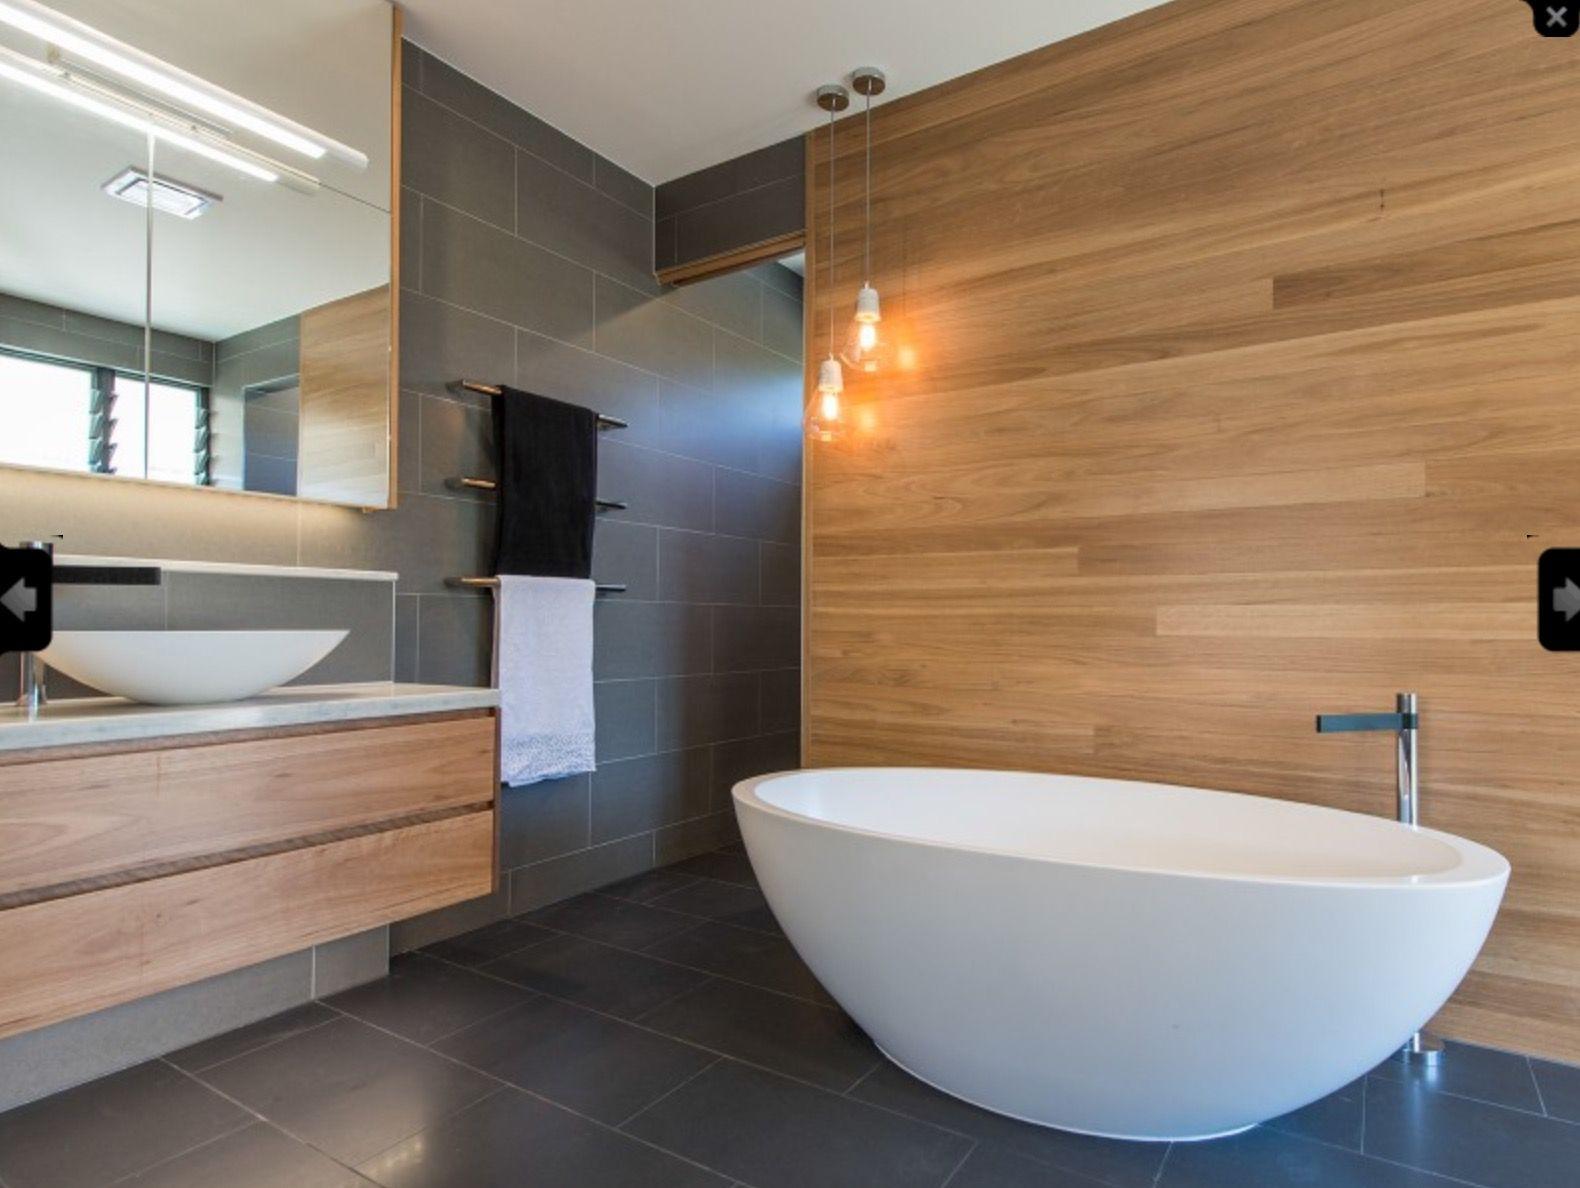 Badezimmer dekor mit fliesen pin von linda fadel auf bad  pinterest  baños baños modernos und